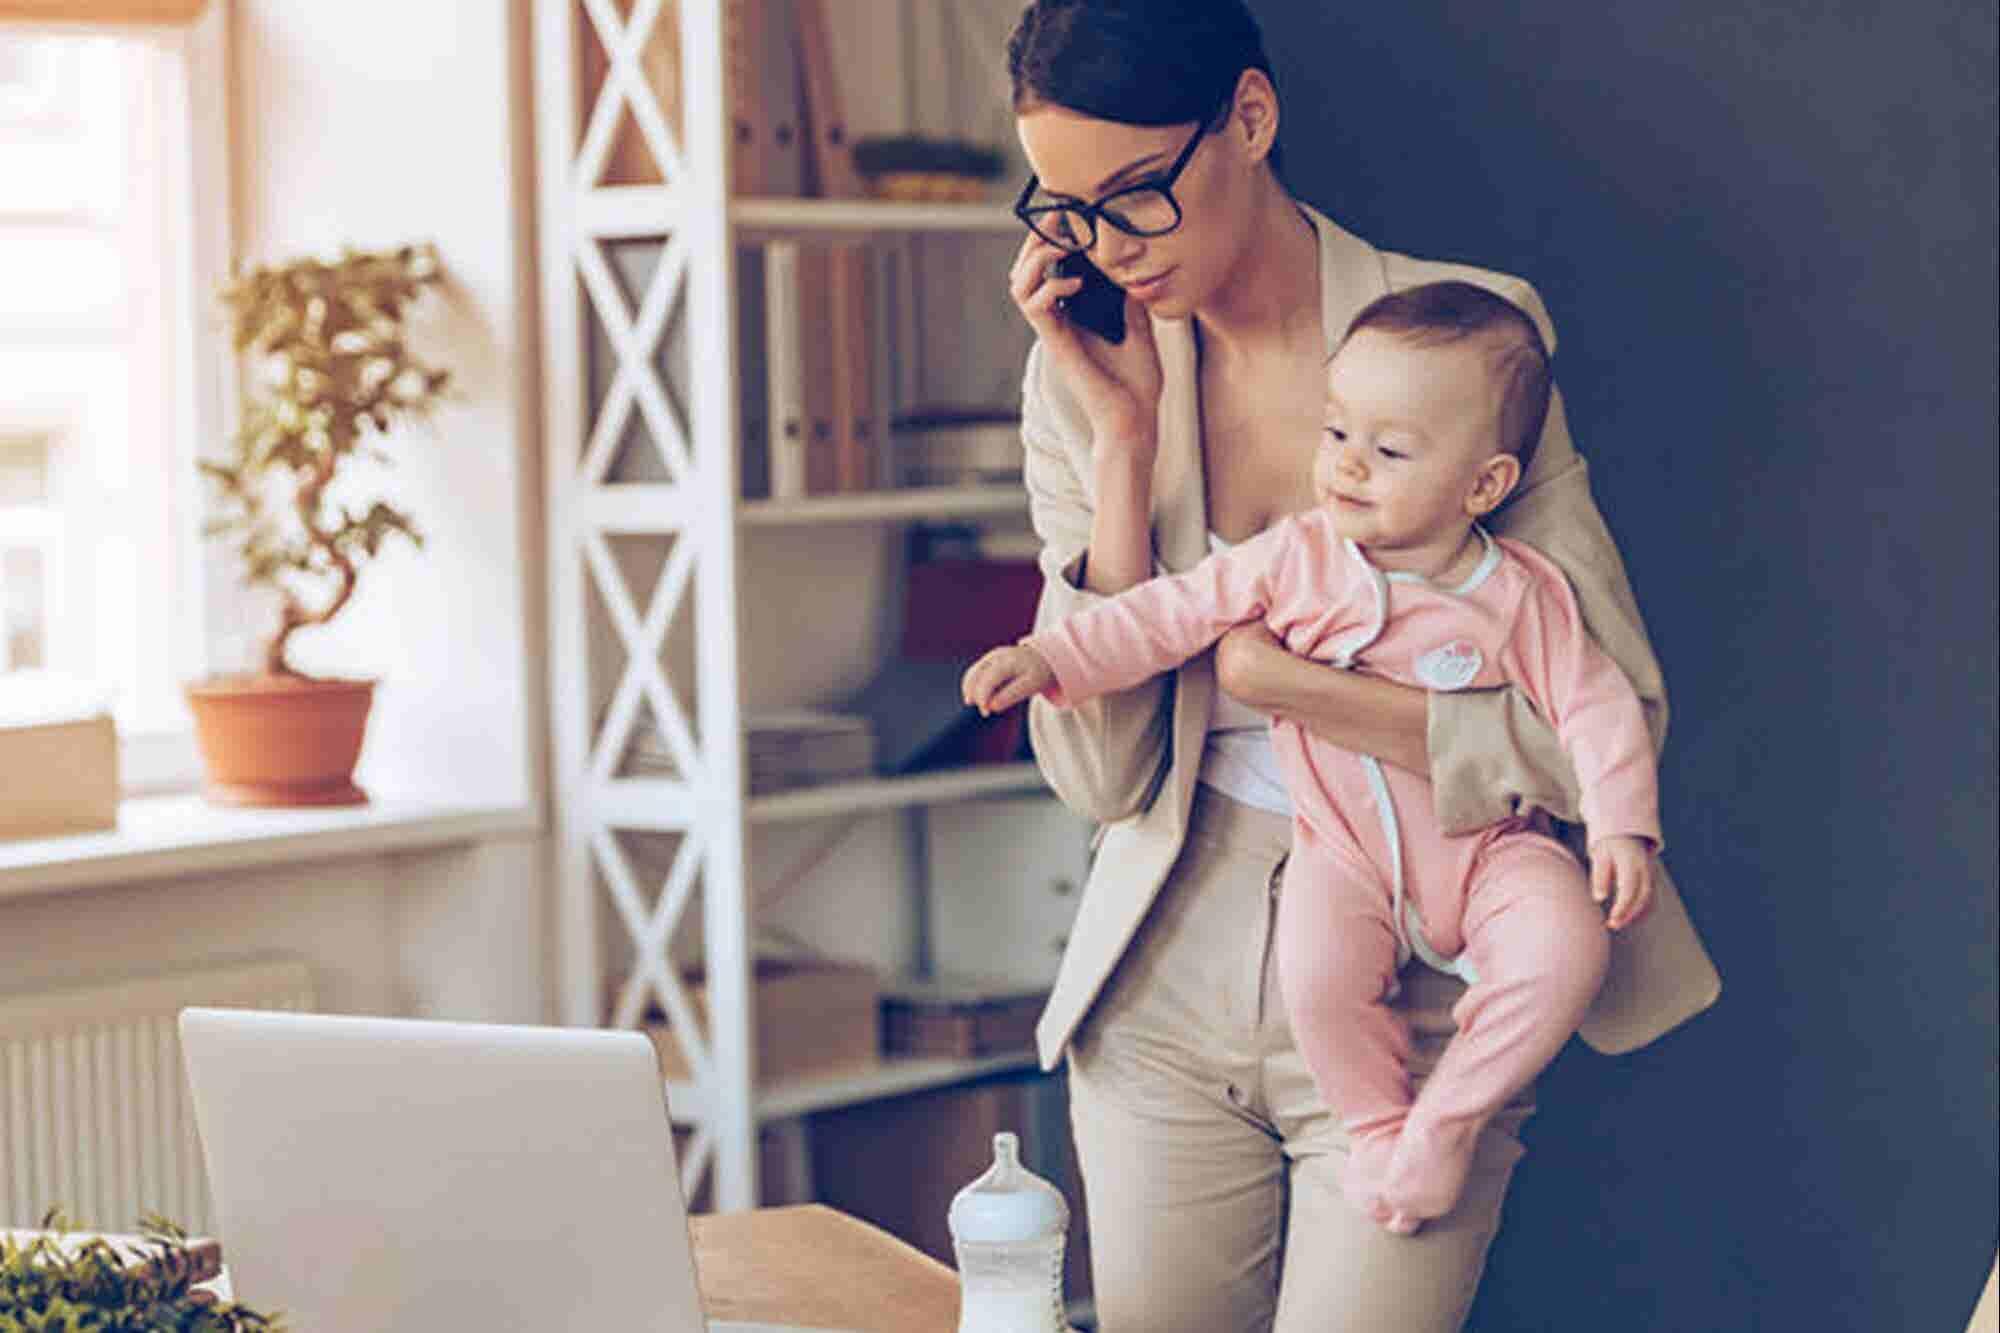 5 აუცილებელი ნაბიჯი დედობისა და ბიზნესის მართვის შესათავსებლად